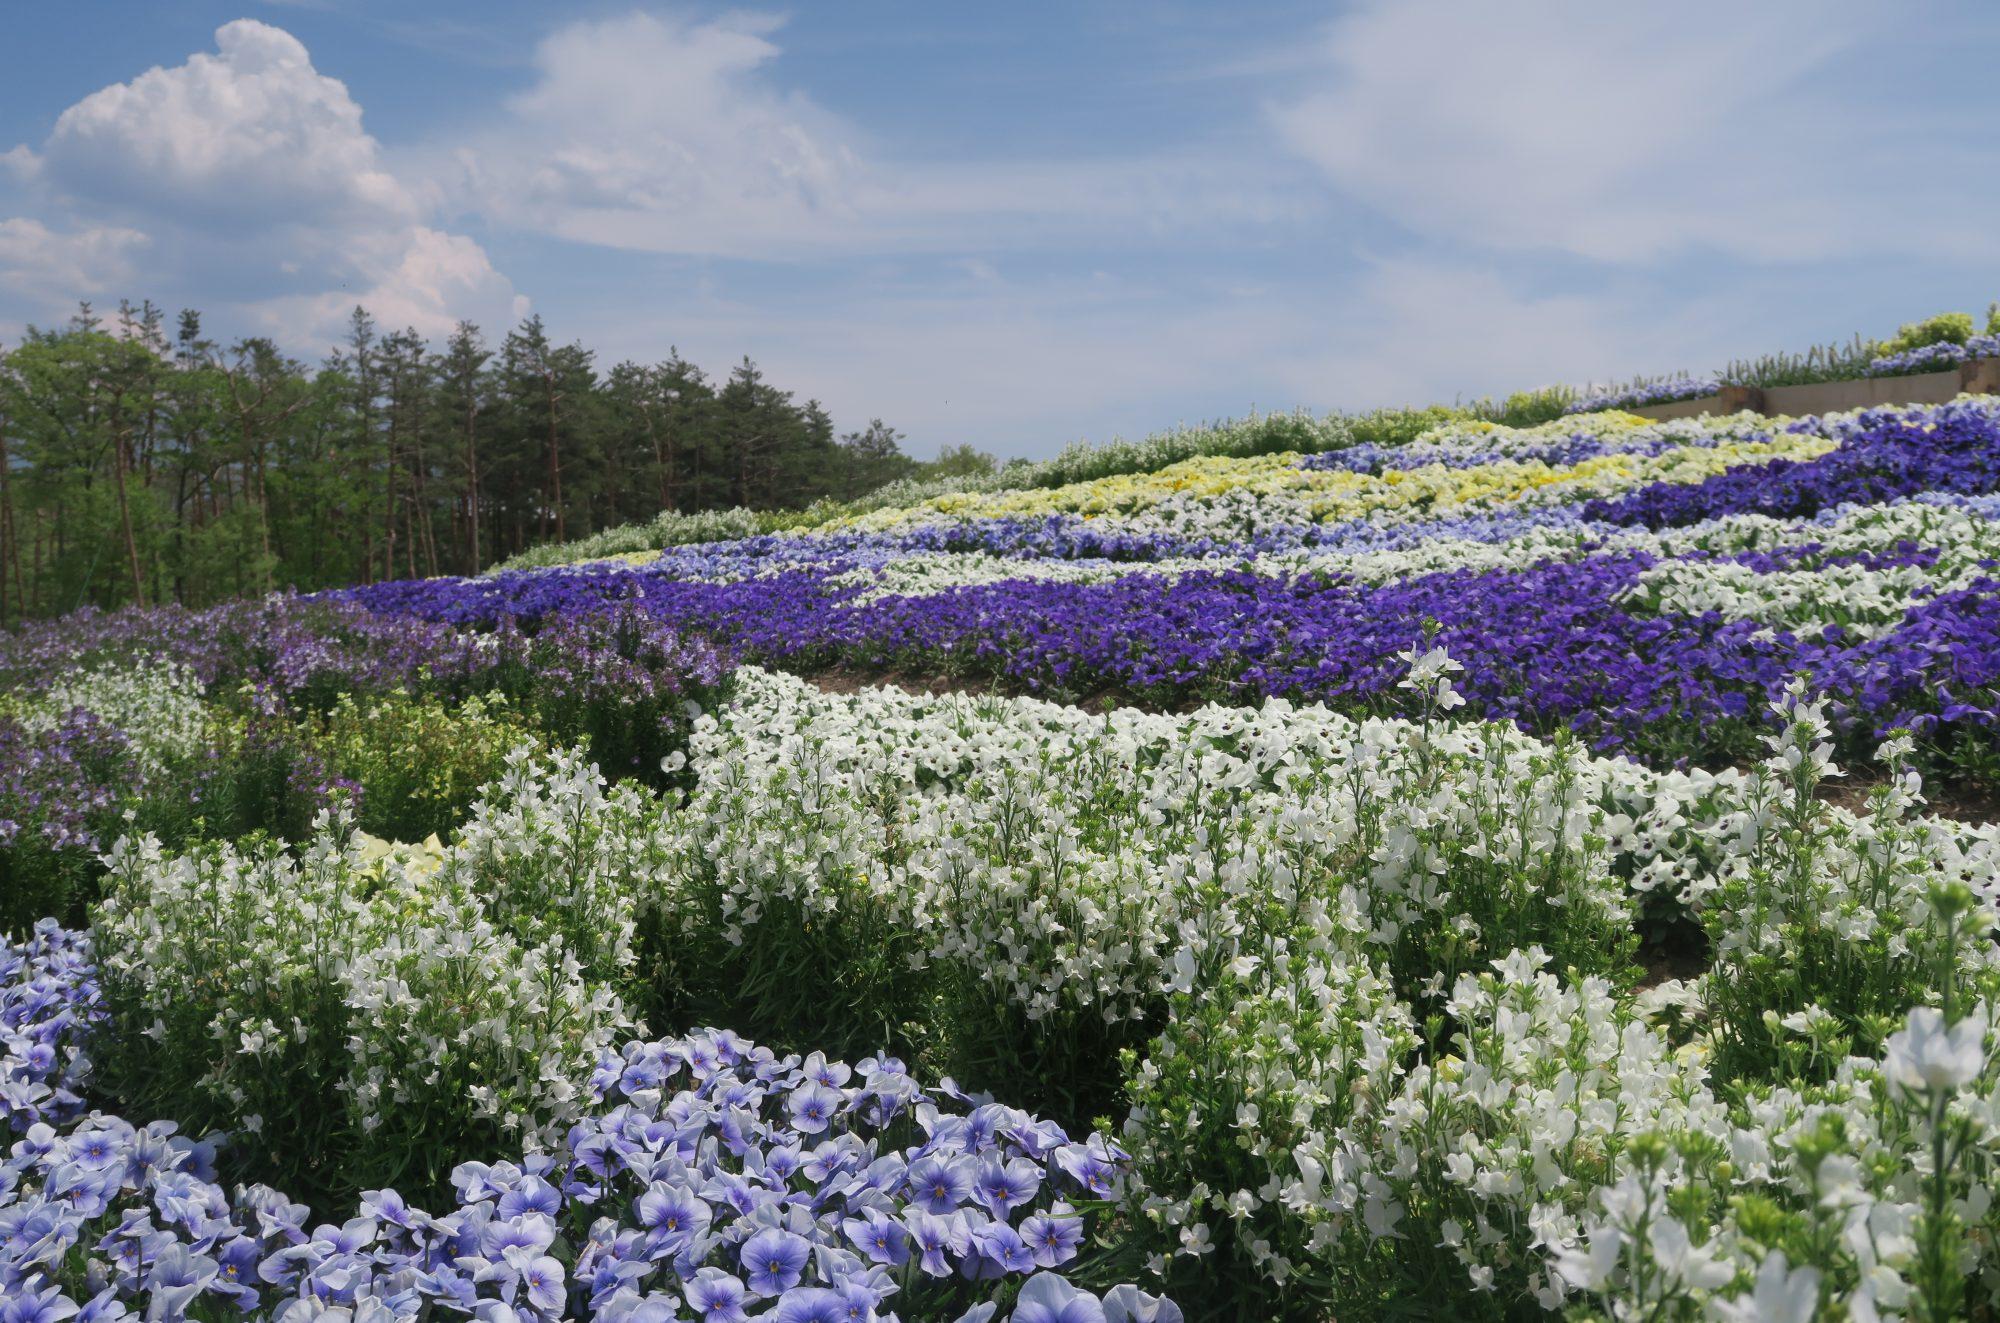 一般社団法人 長野県産業環境保全協会